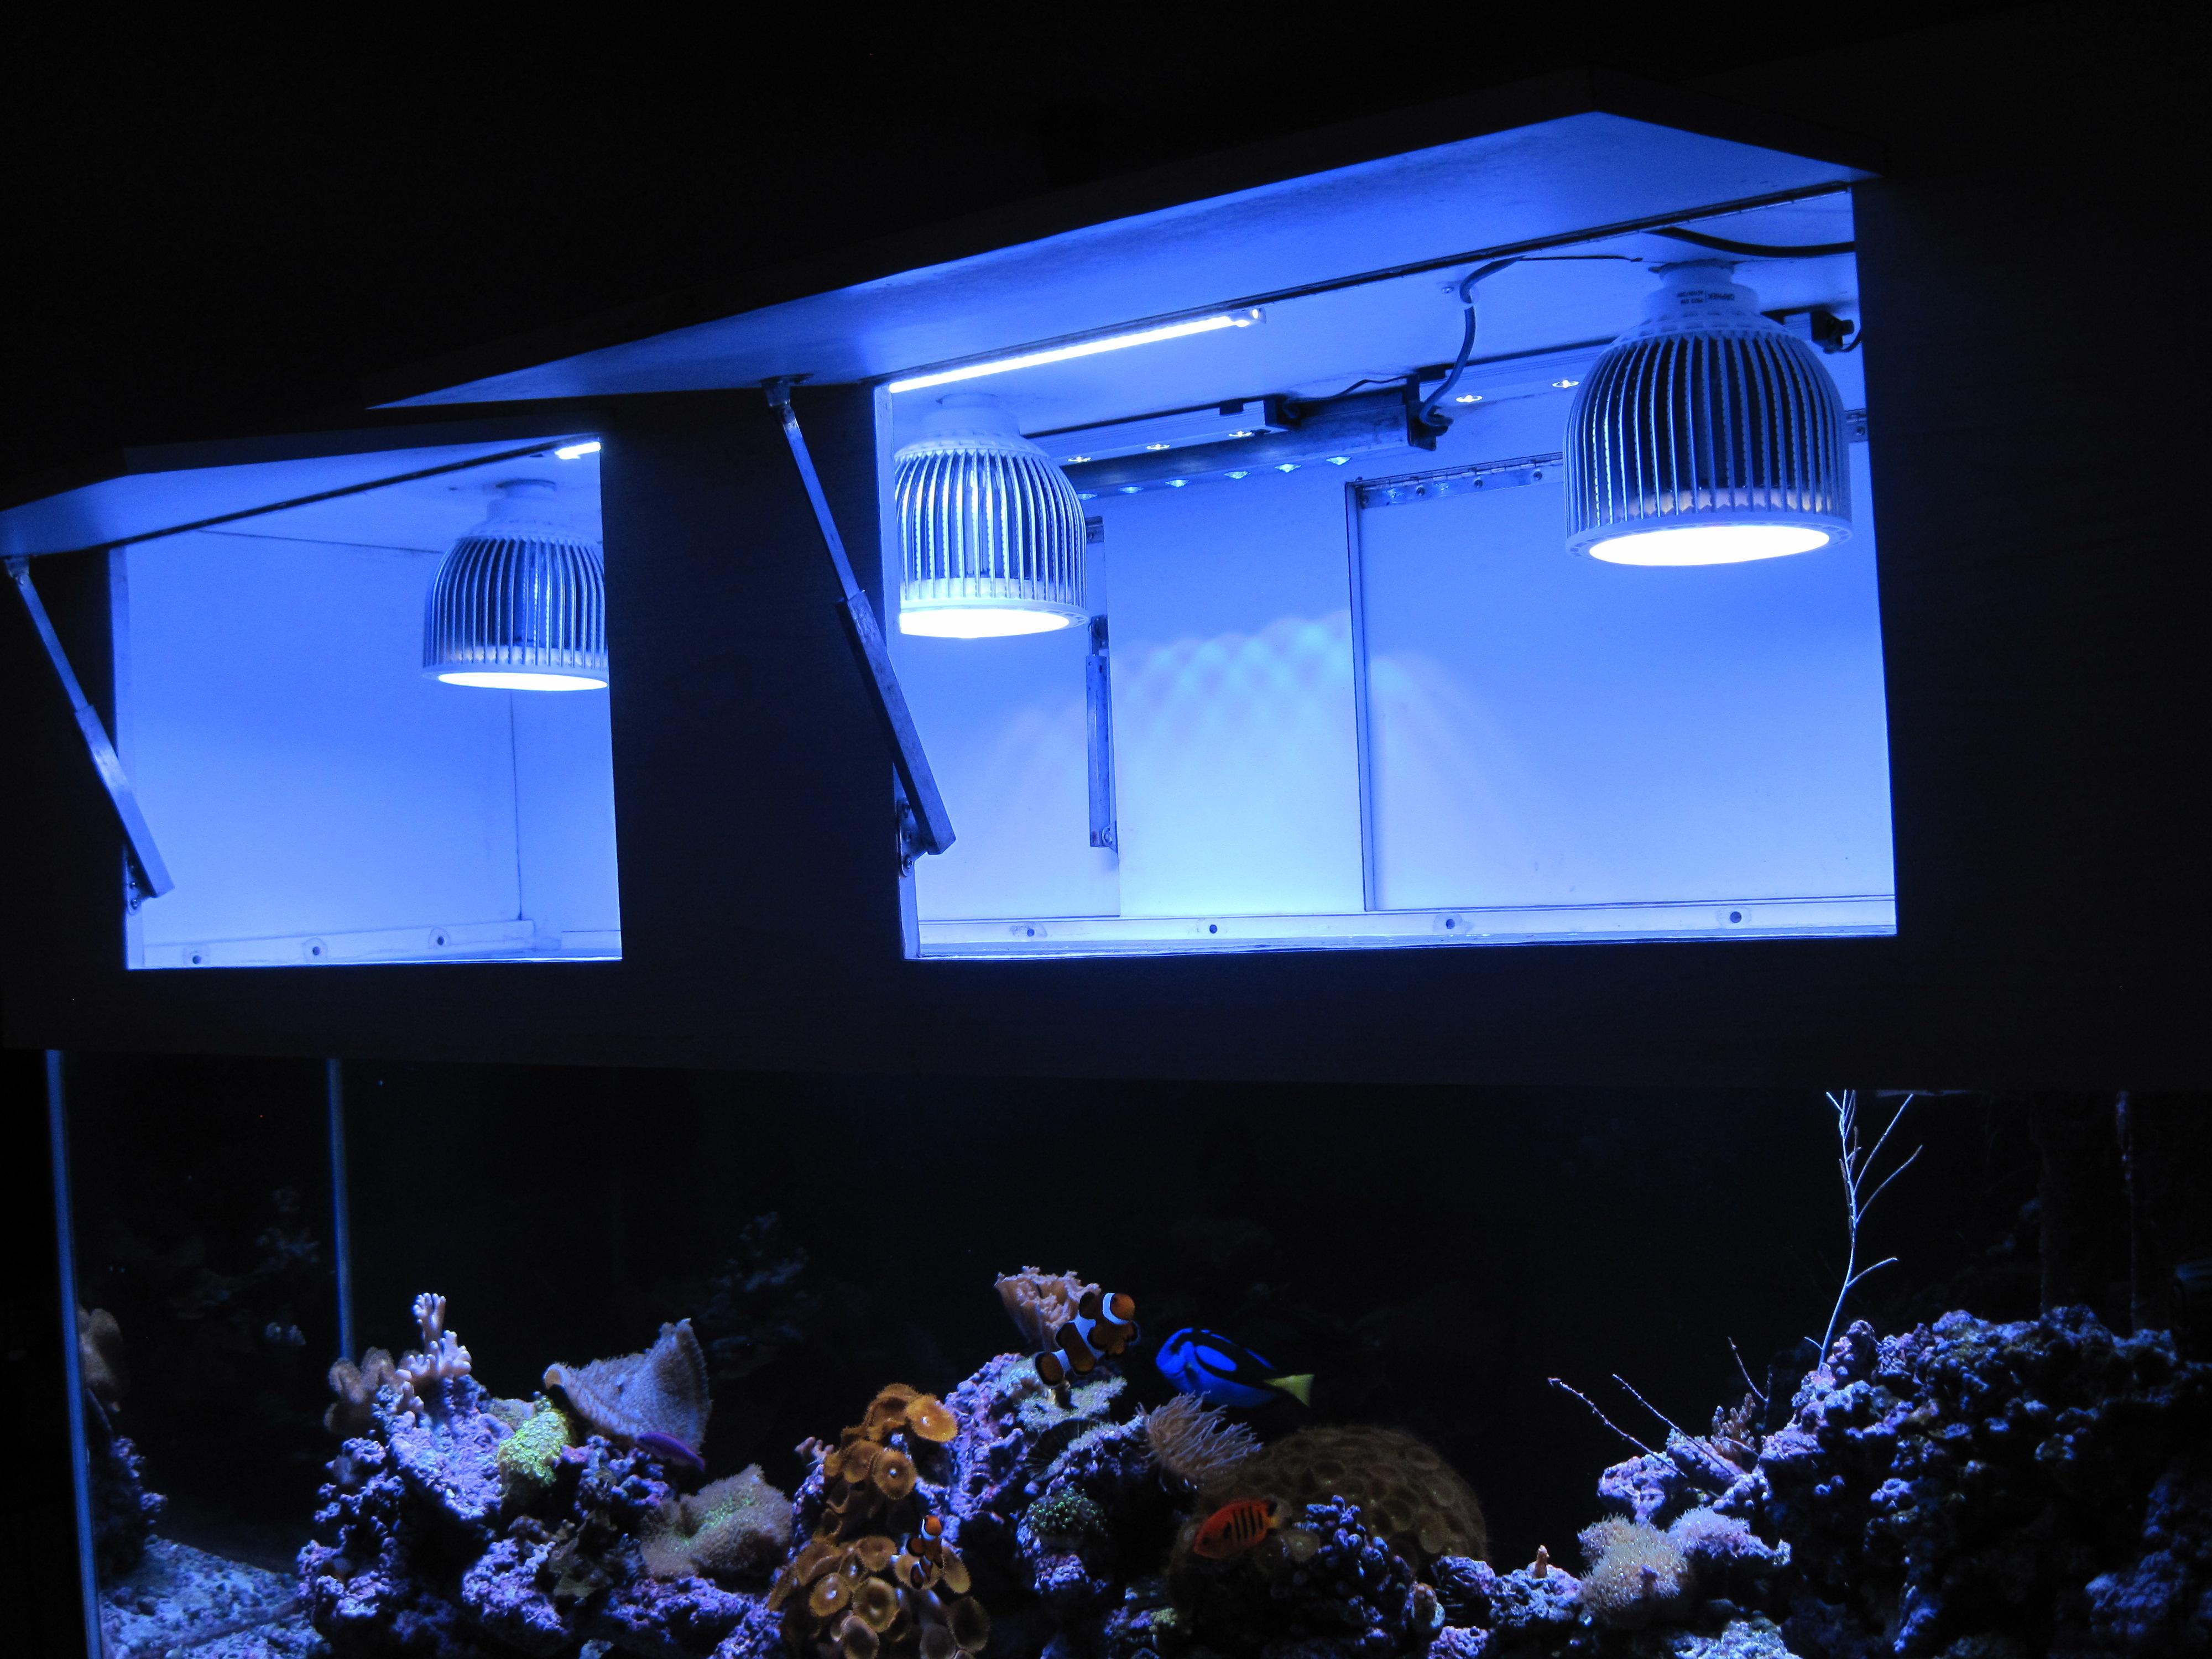 reef aquarium sources before you can trust this LED Aquarium Lighting ...